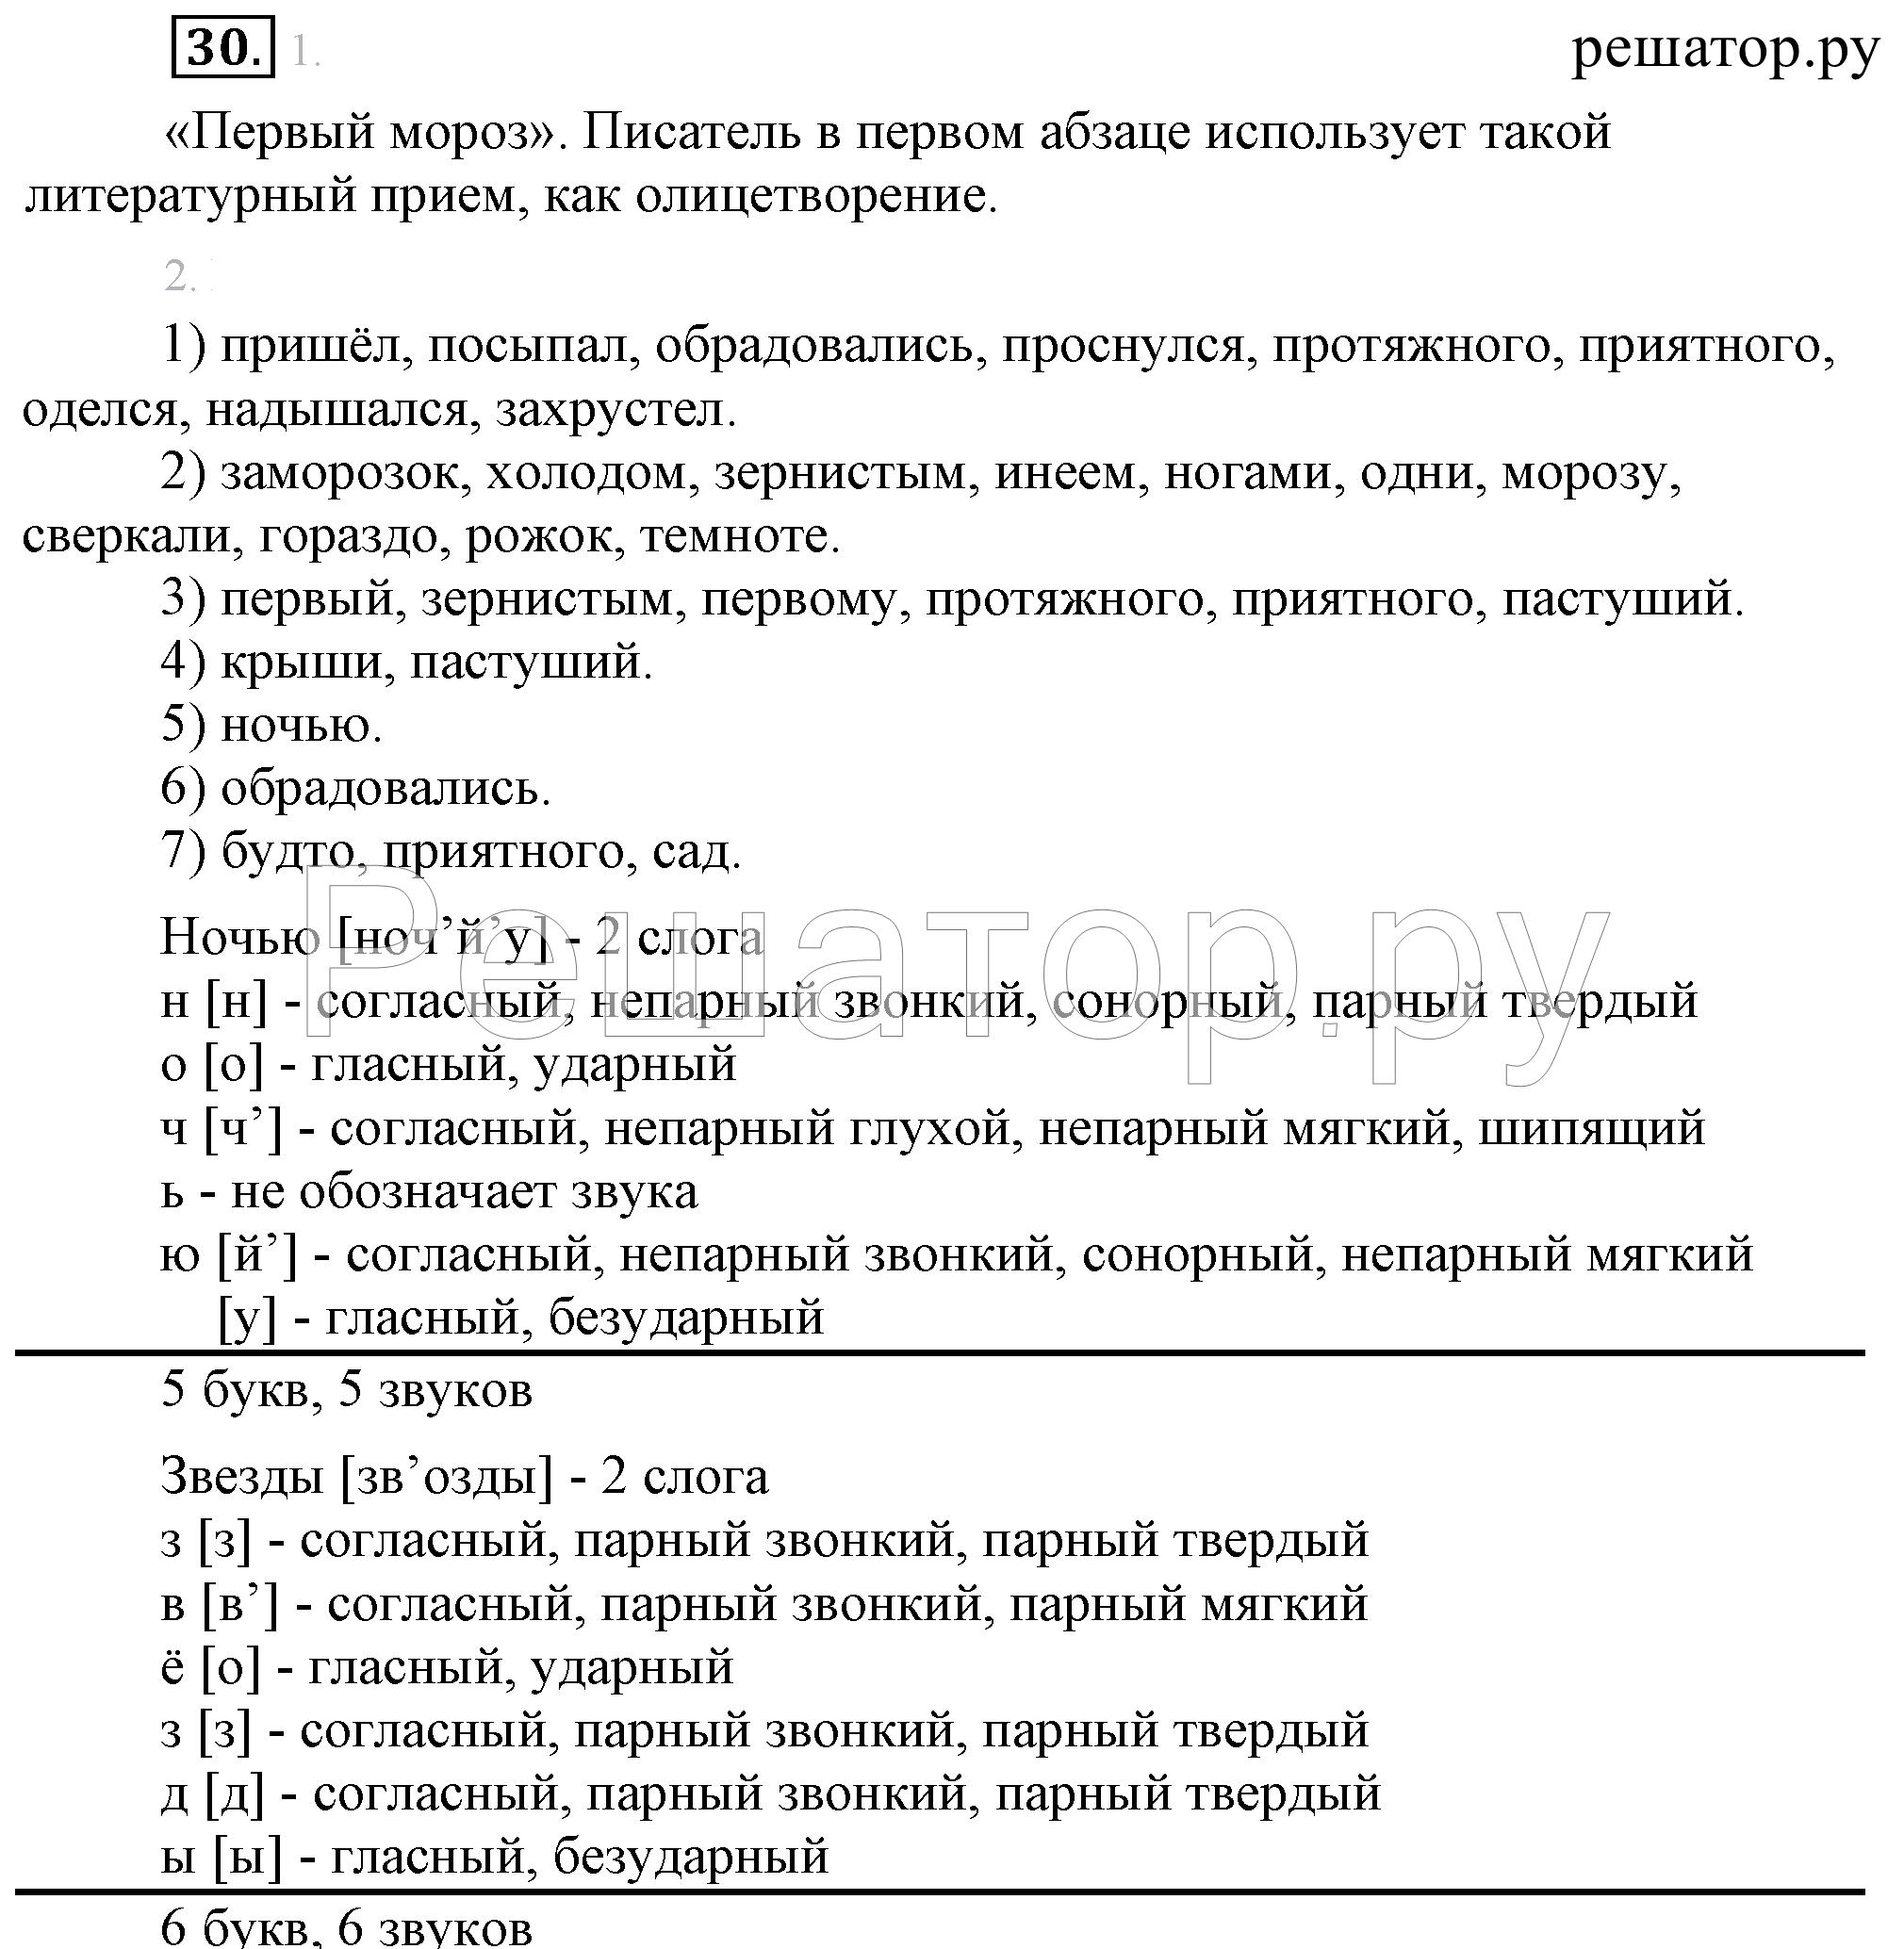 Решебник по русский язык 5 класс бунеев 2018 год баласс